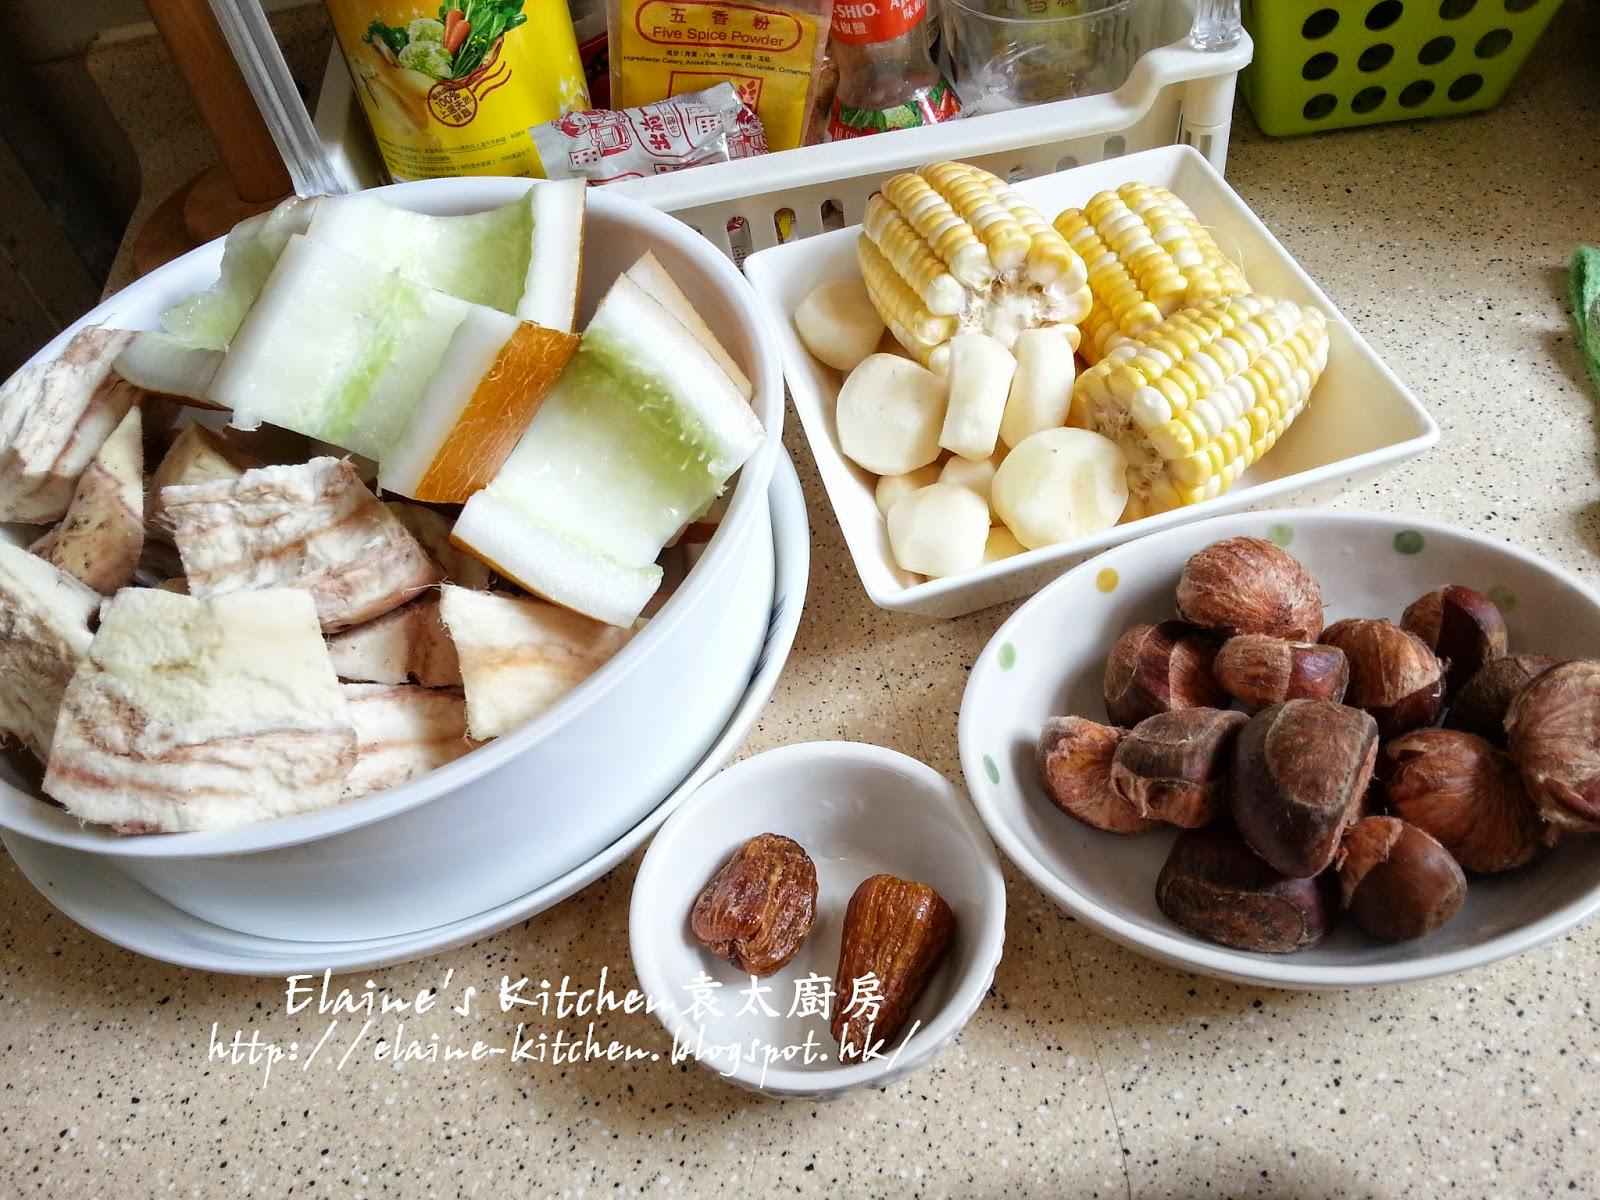 袁太廚房 - 平凡生活煮意: [素湯] 粉葛老王瓜栗子馬蹄粟米湯